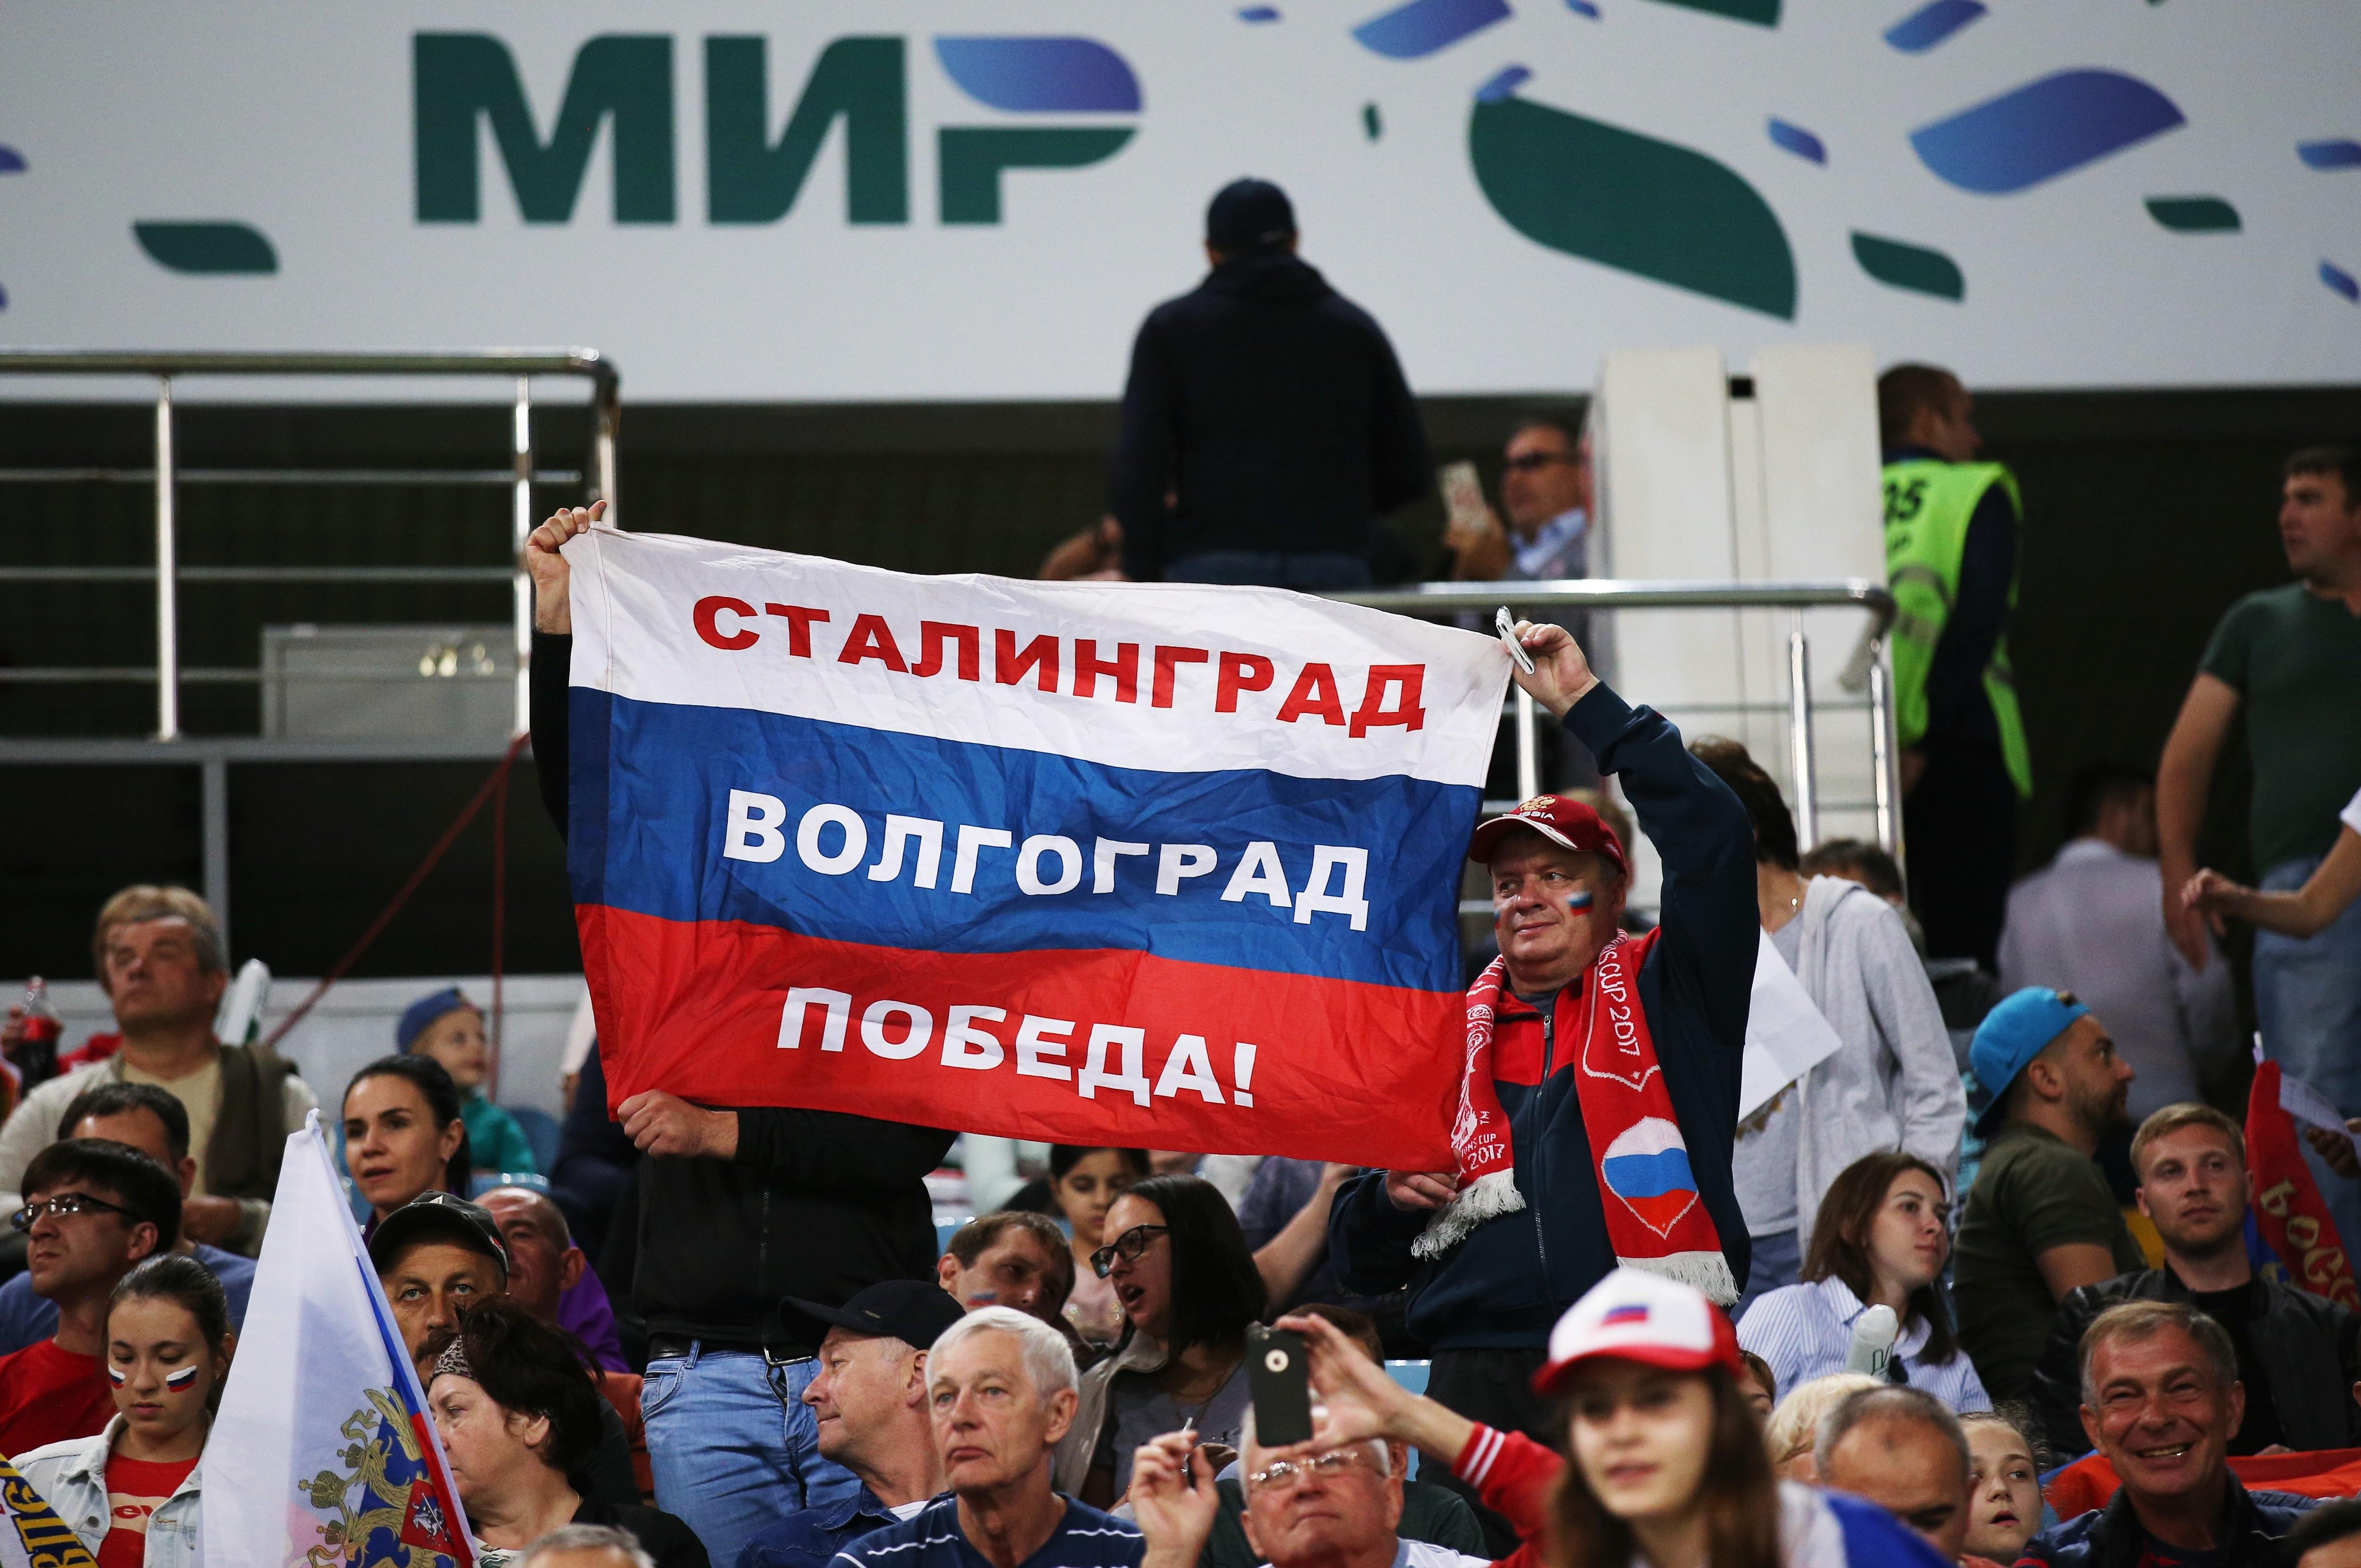 Болельщики на матче России и Турции. Фото: © РИА Новости / Алексей Филиппов